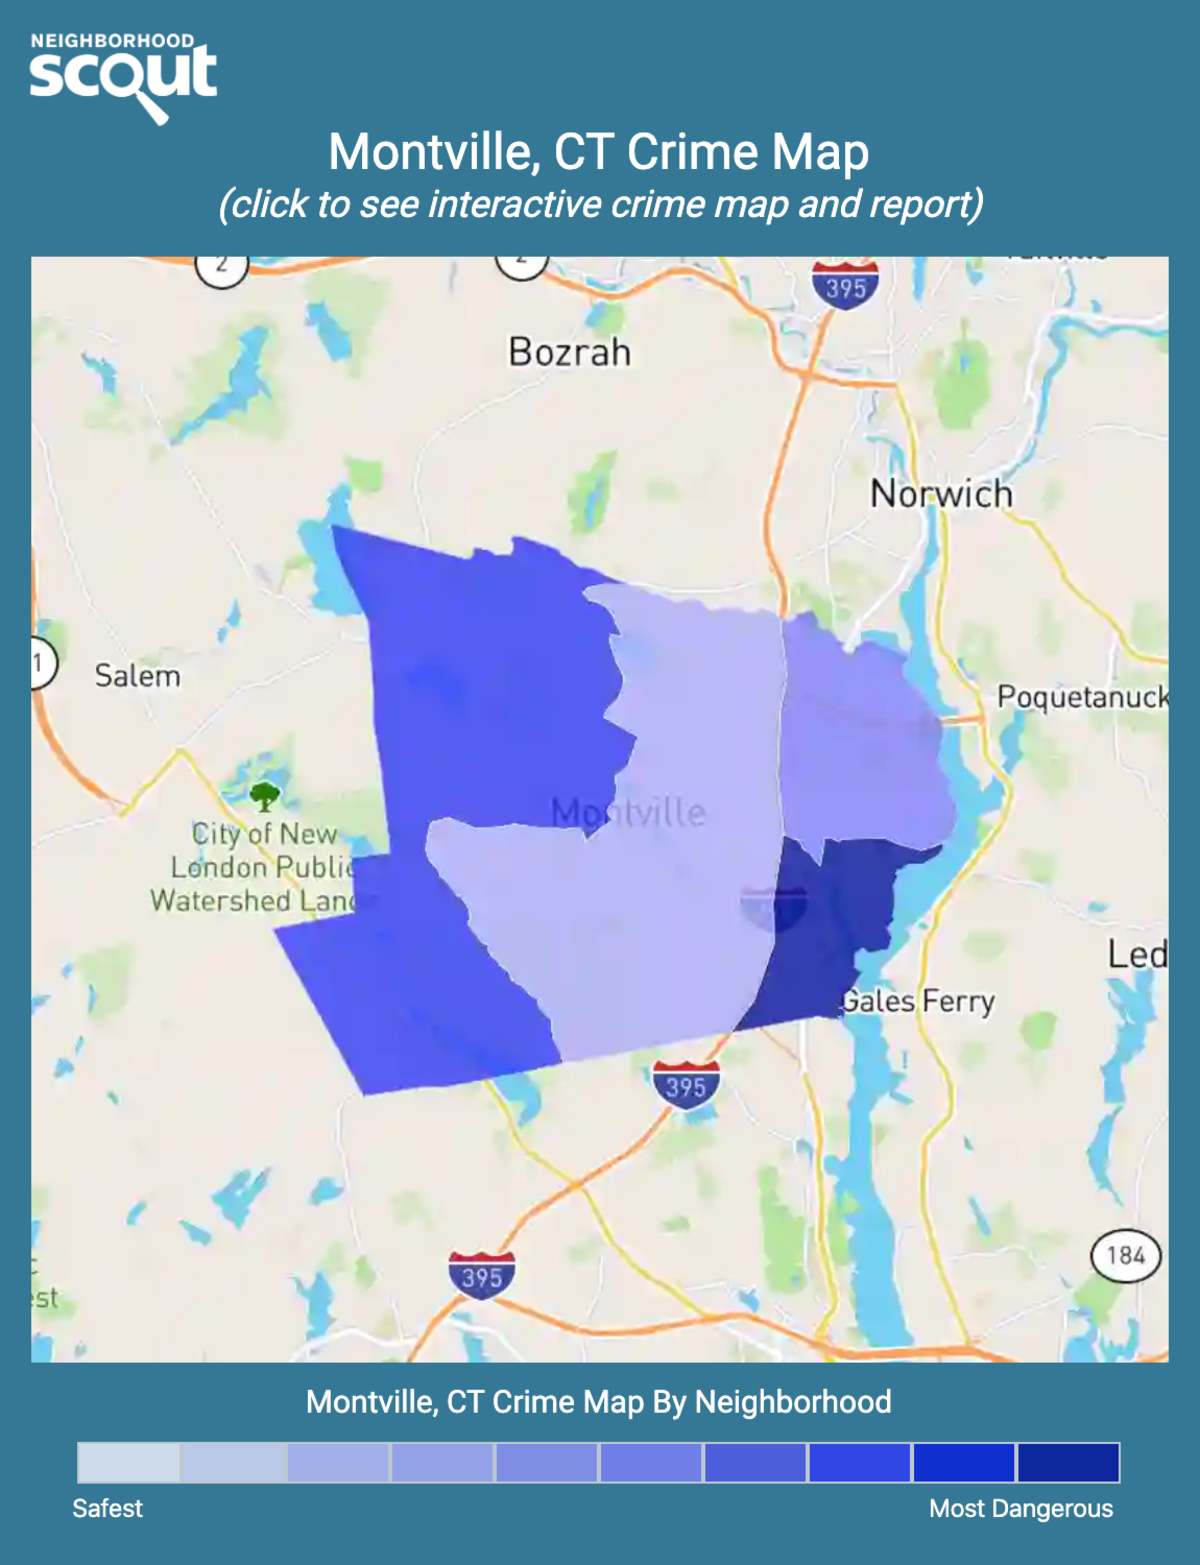 Montville, Connecticut crime map